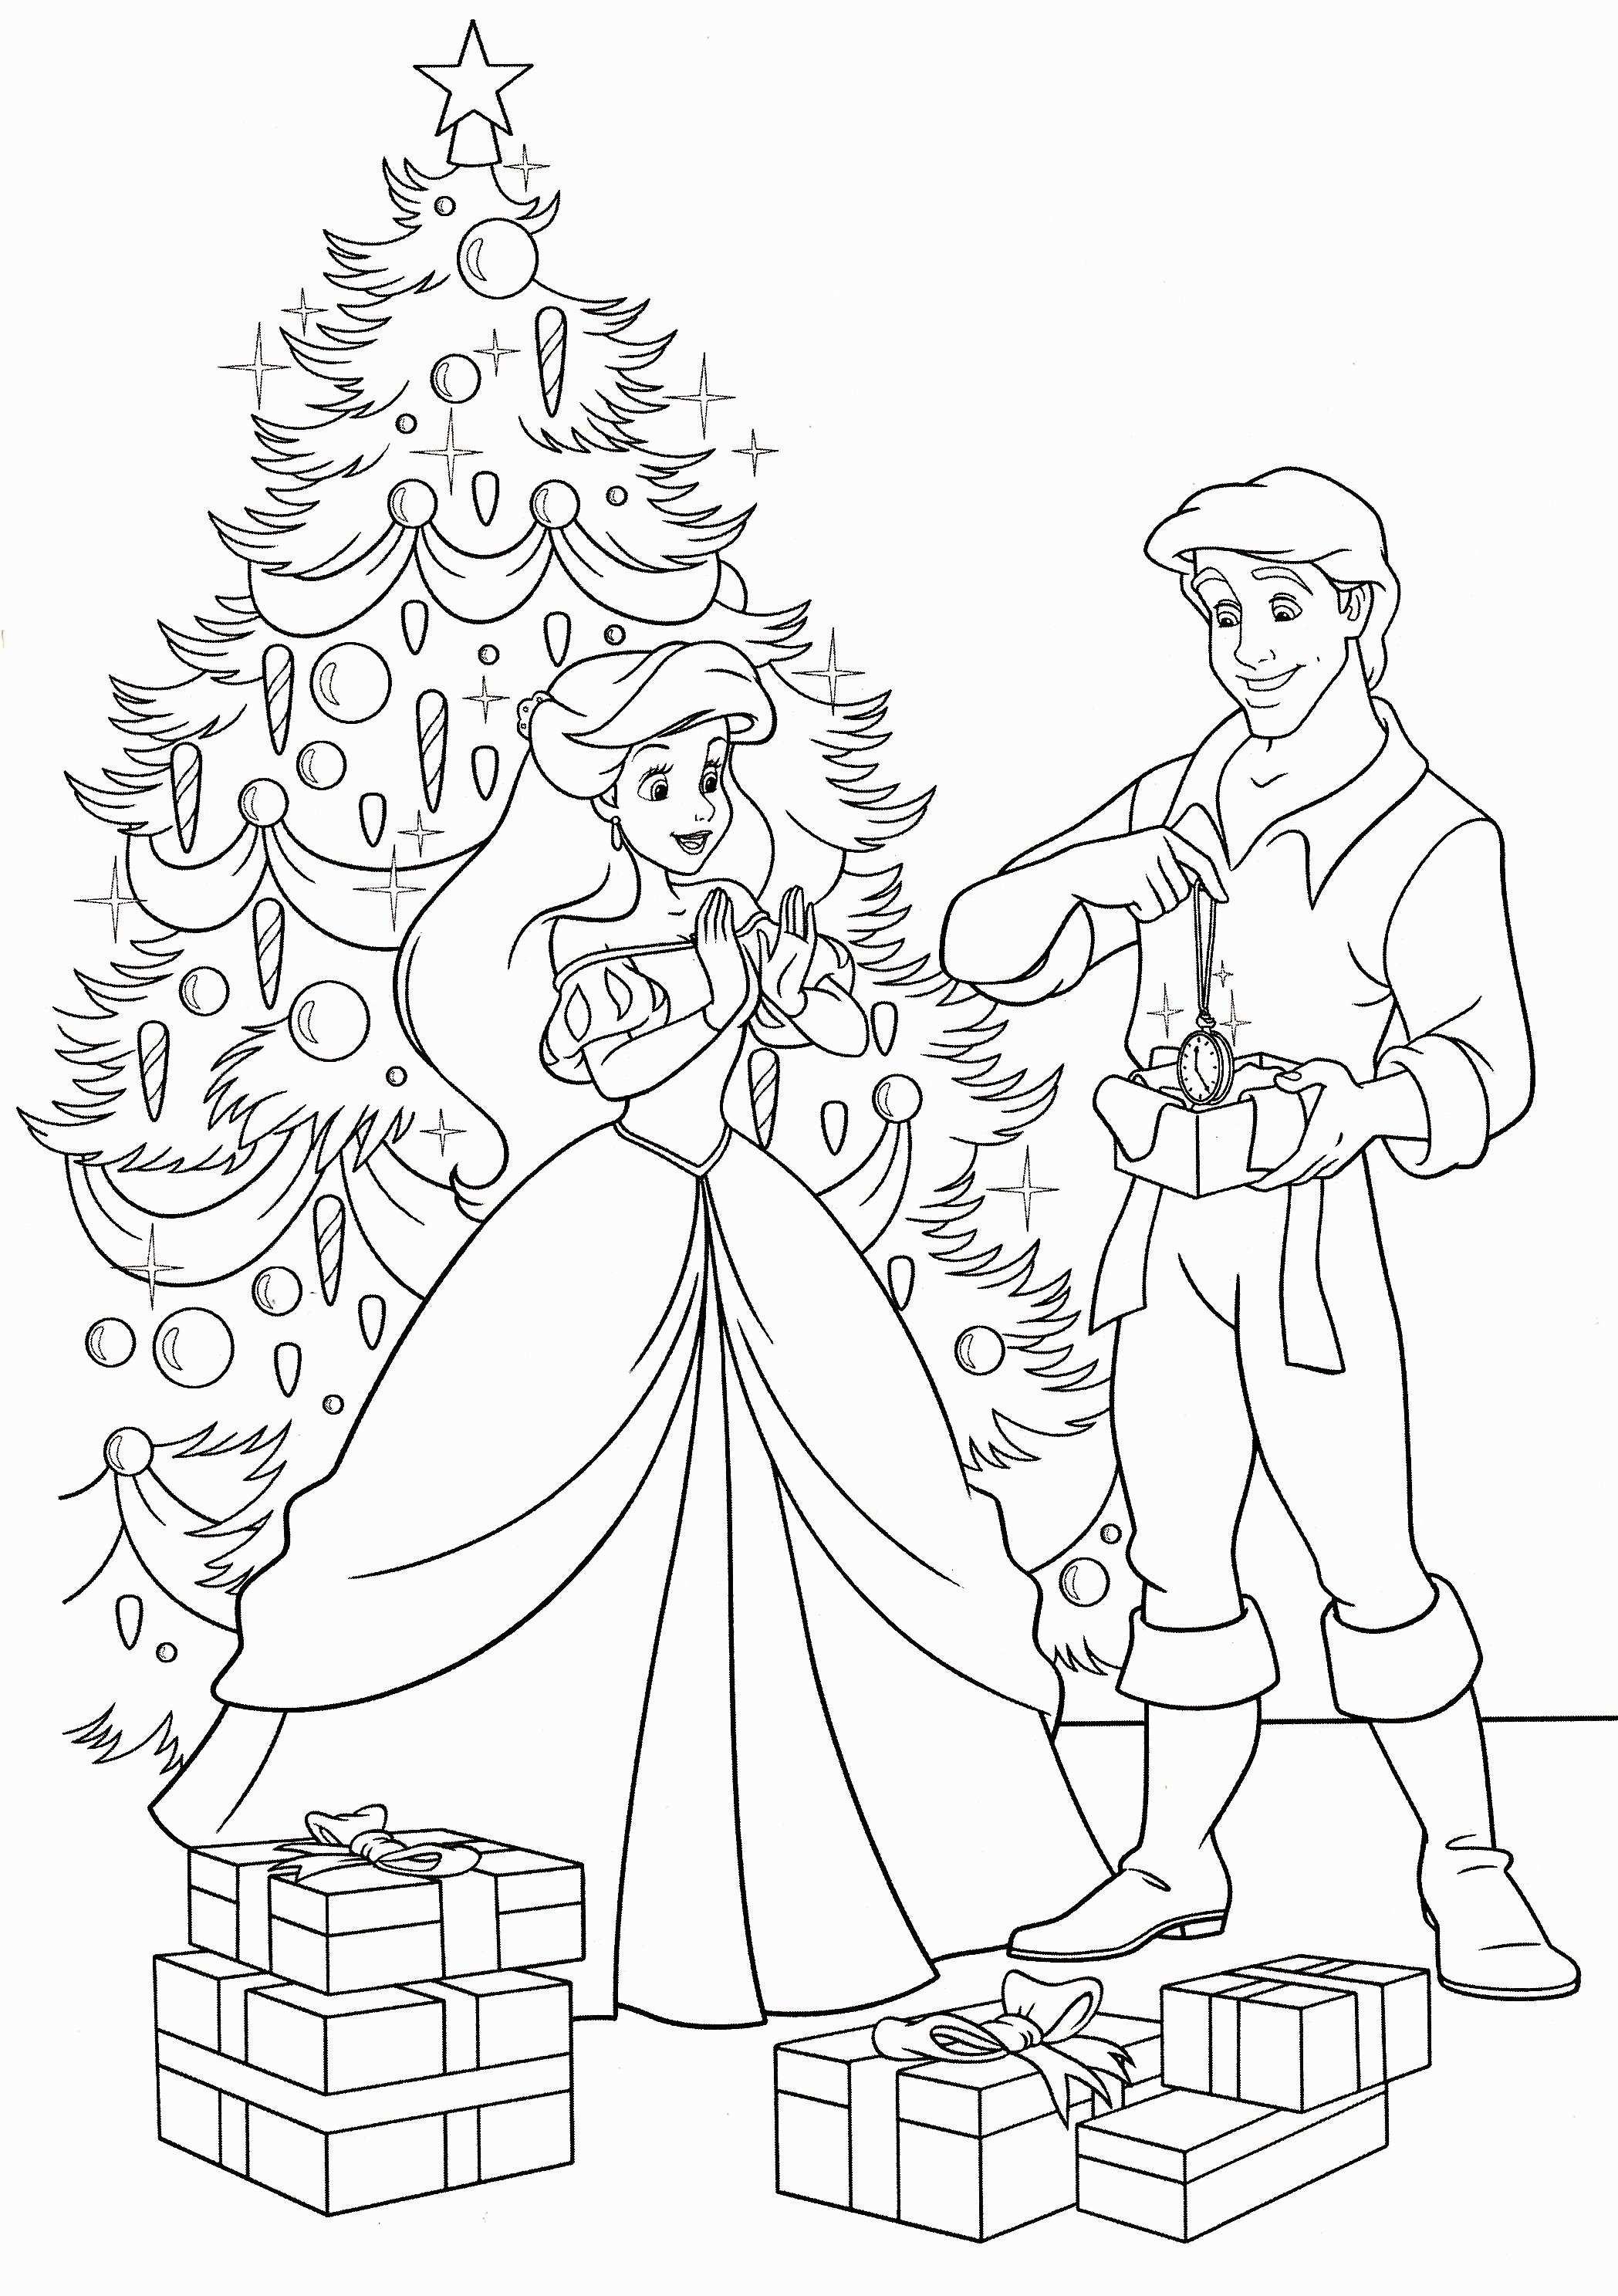 Arielle Ausmalbilder Zum Drucken Kostenlos Das Beste Von Disney Princess Coloring Pages for Adults Luxury Fantastisch Ariel Das Bild